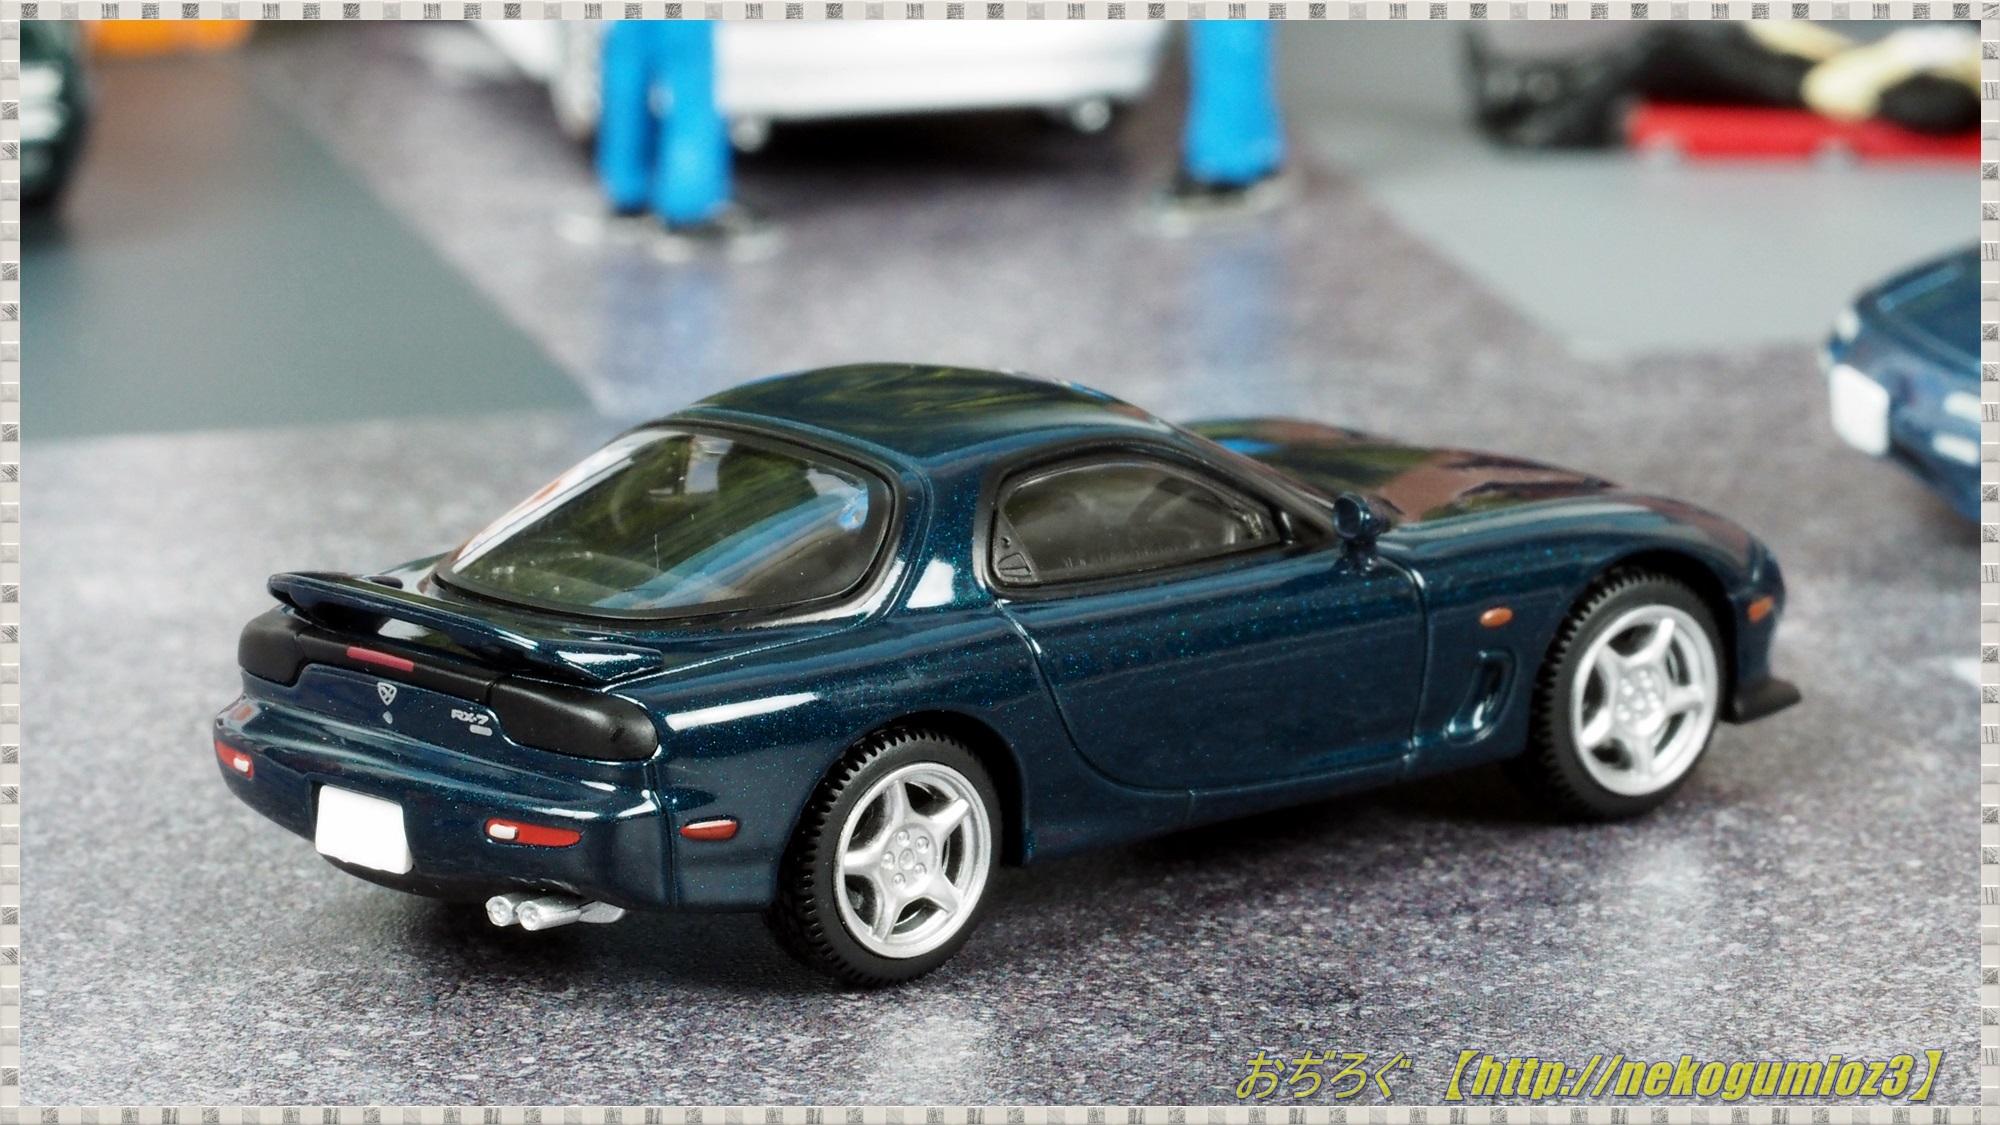 200202031.jpg